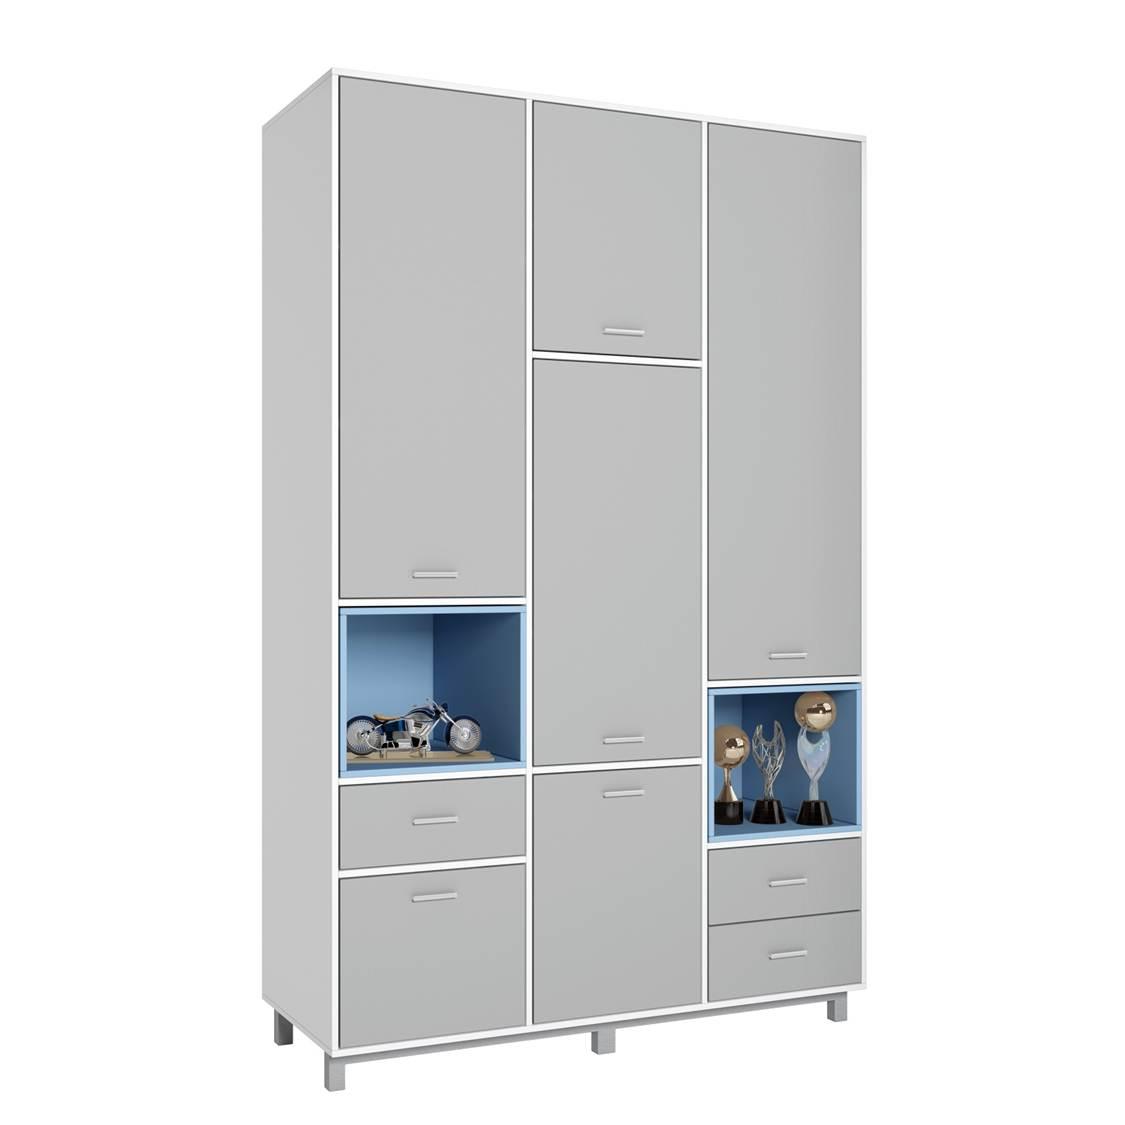 Купить Детский шкаф трехсекционный Polini kids Mirum 2335 белый-серый/голубой, Шкафы в детскую комнату